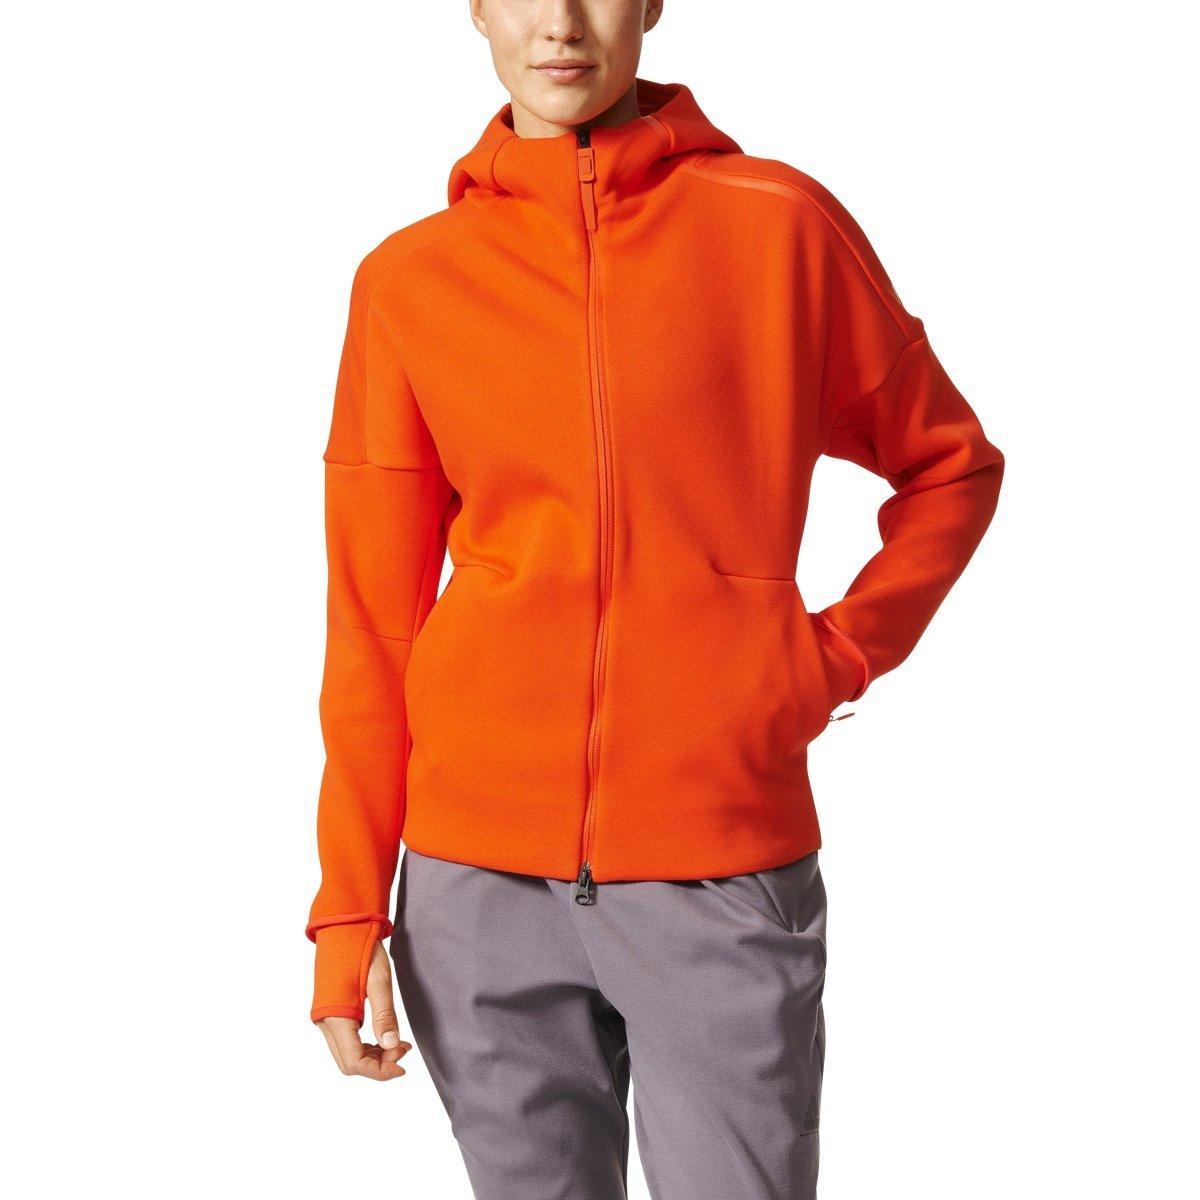 Adidasレディースathletic-wear ZNE Hoodie inオレンジ – b46938 X-Small  B01N6YZQ0M, だっちょん先生 0db10f1c